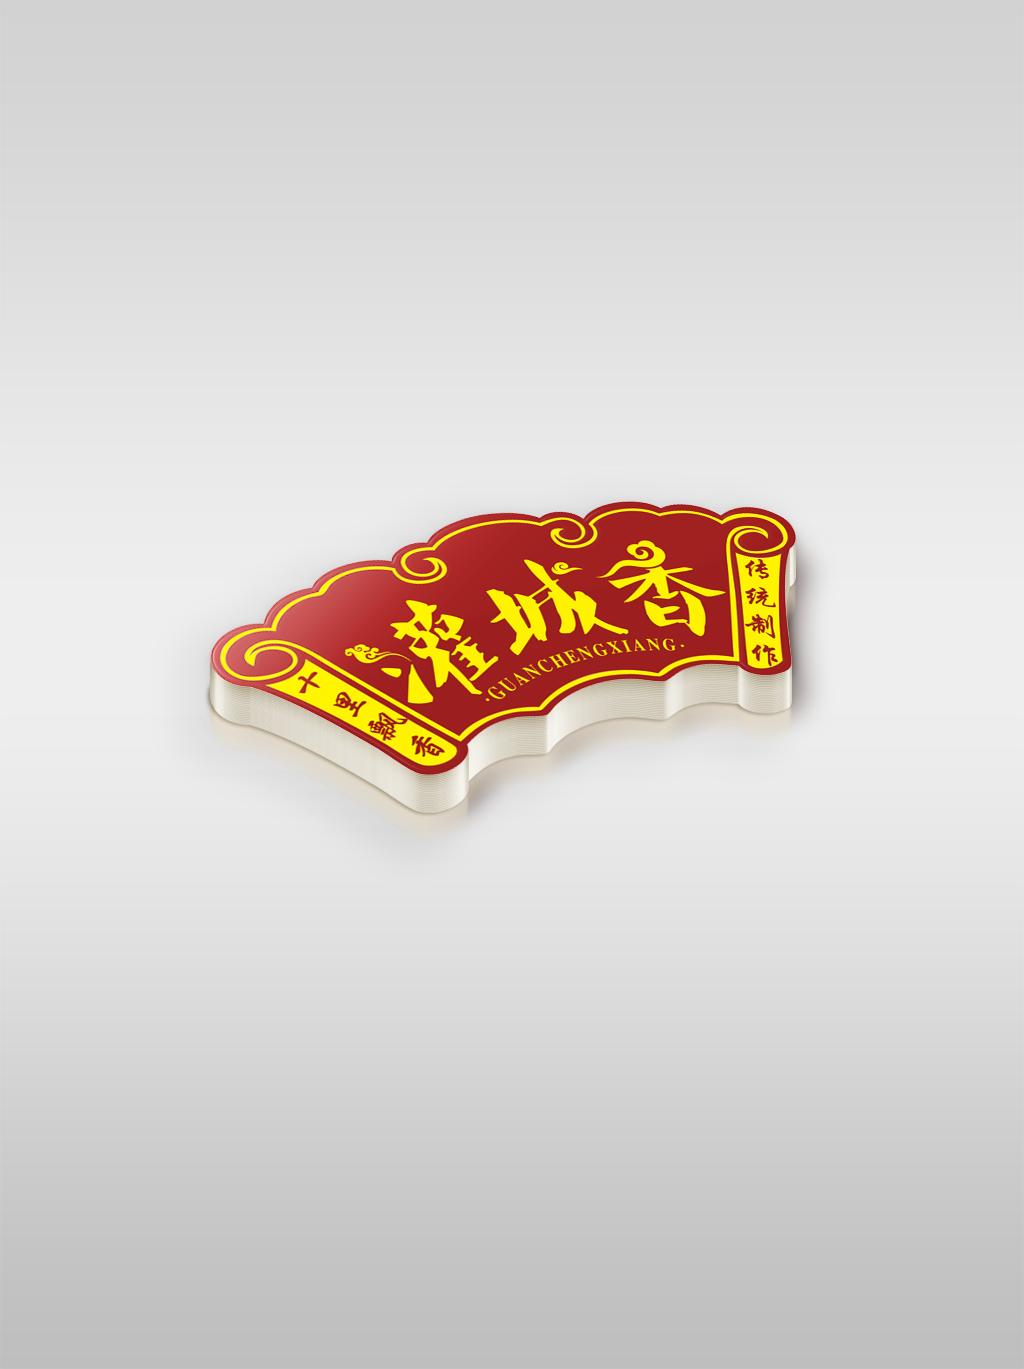 LOGO创意设计,品牌:灌城香_3033604_k68威客网